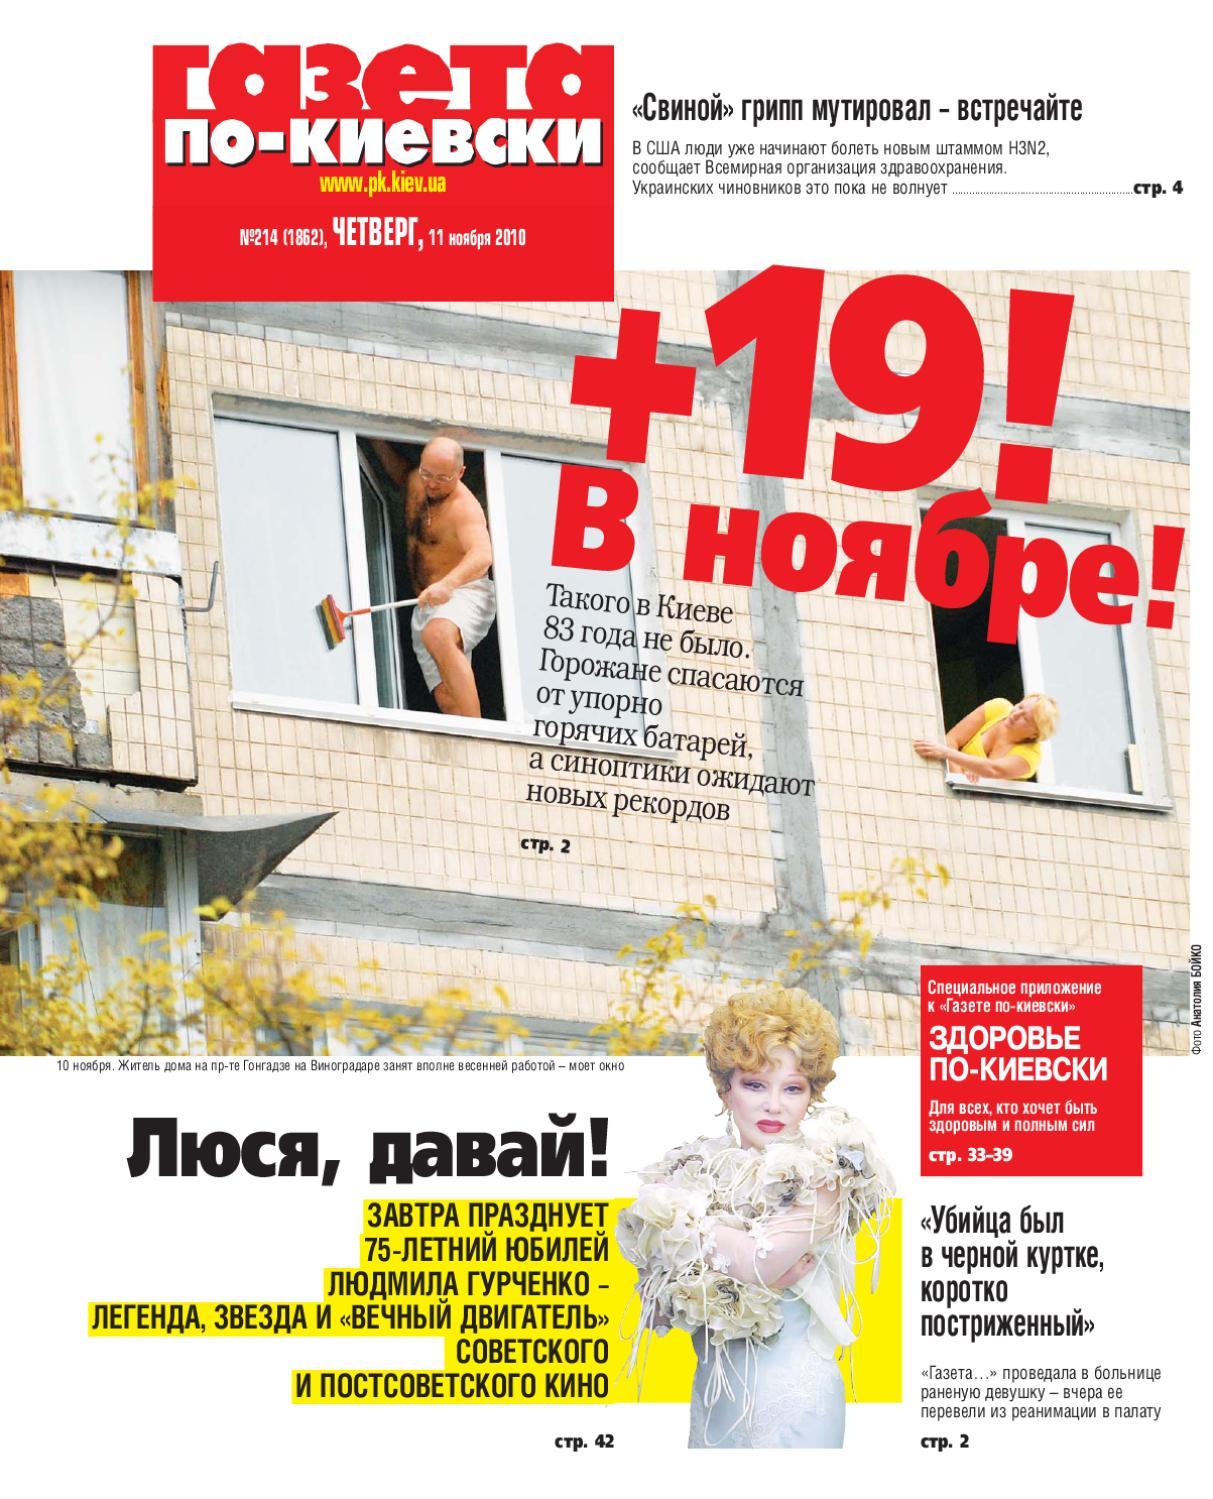 Фабрика зирок3 украина скрытая камера